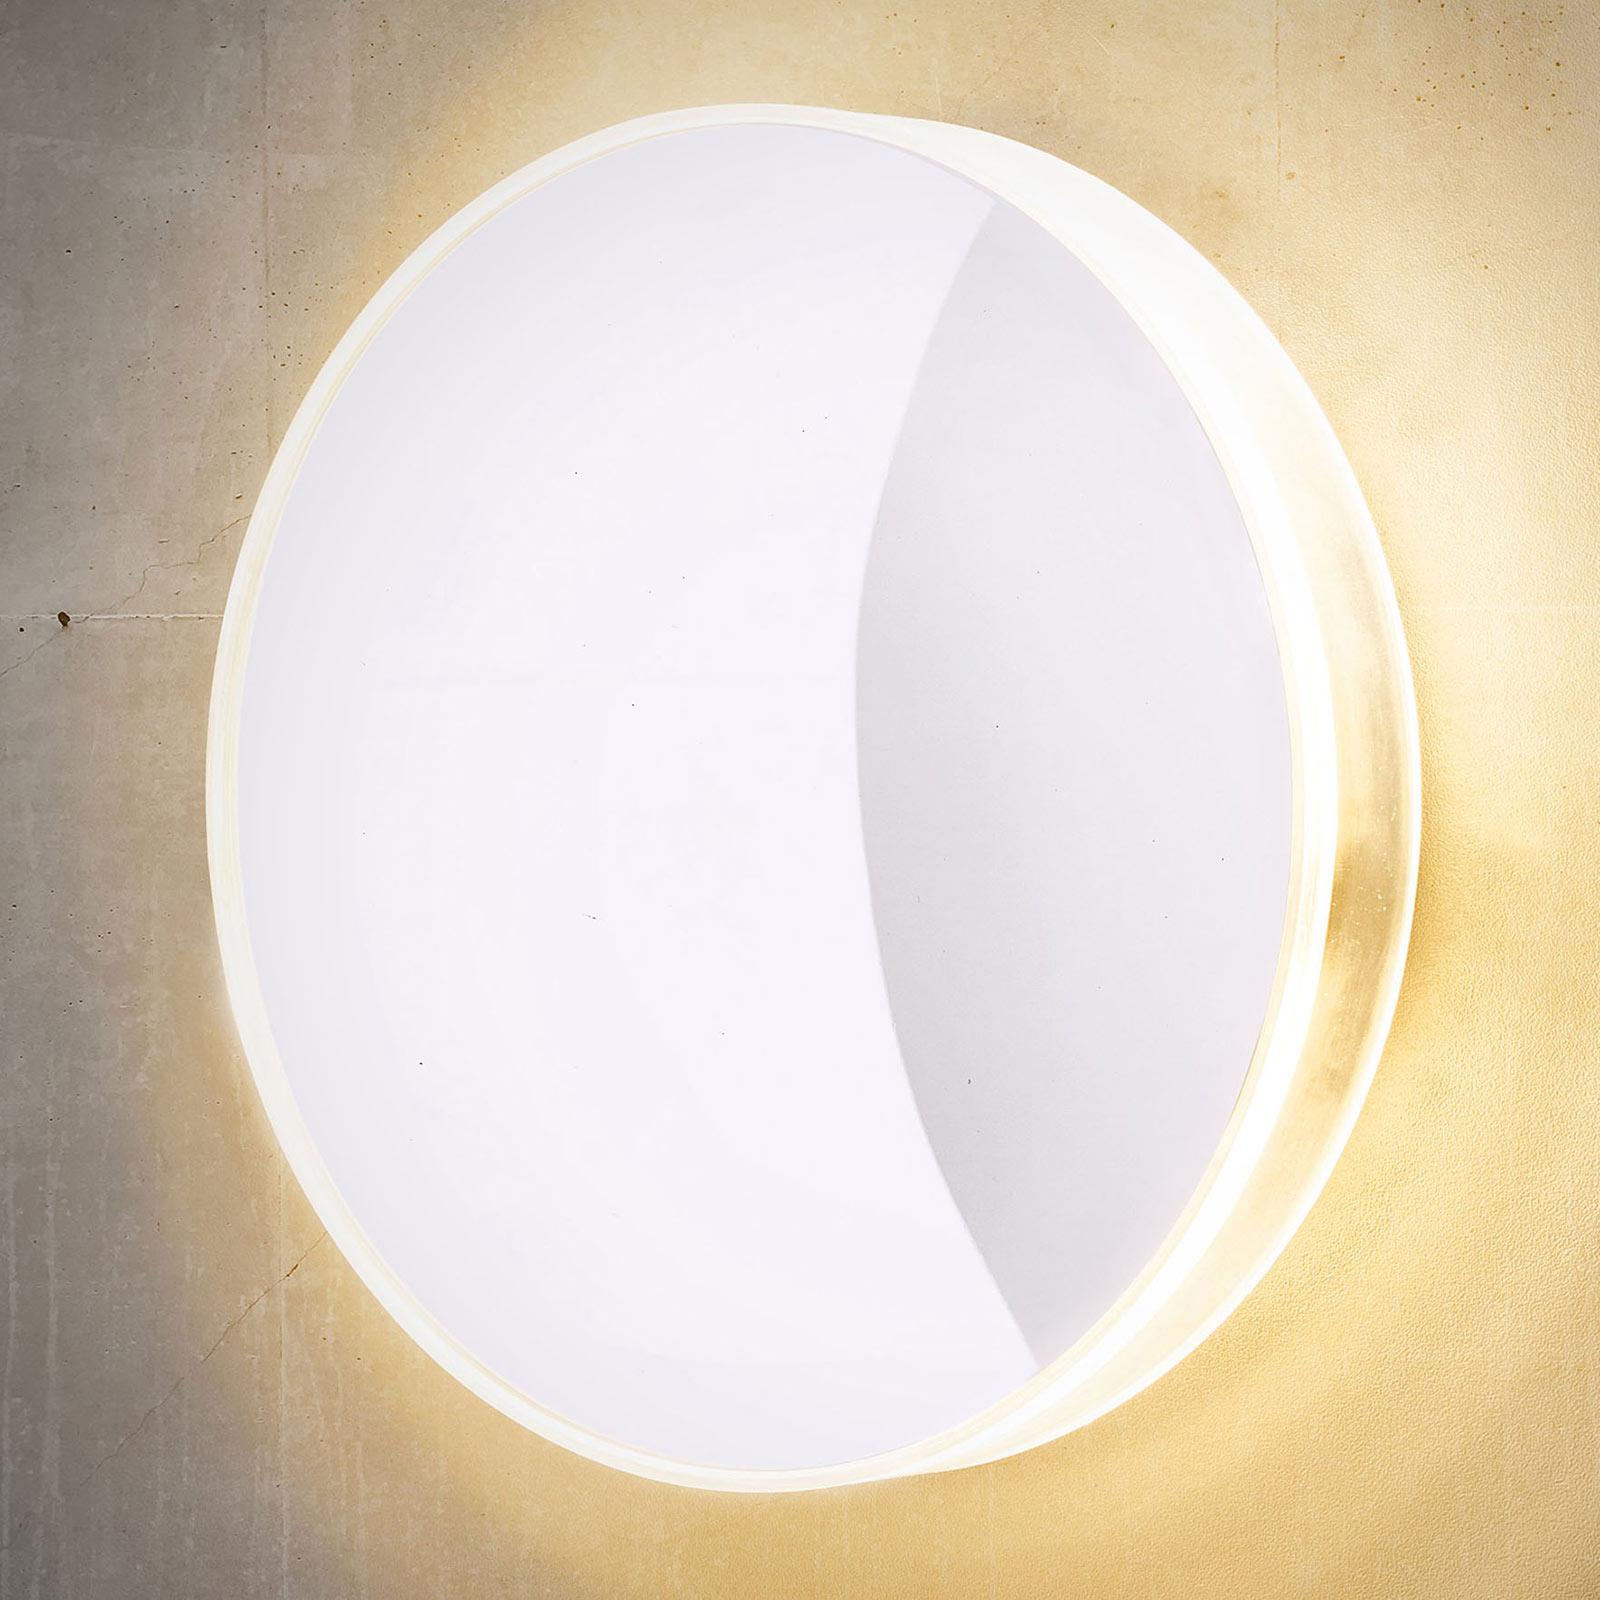 LED-Außenwandleuchte Marbella, weiß